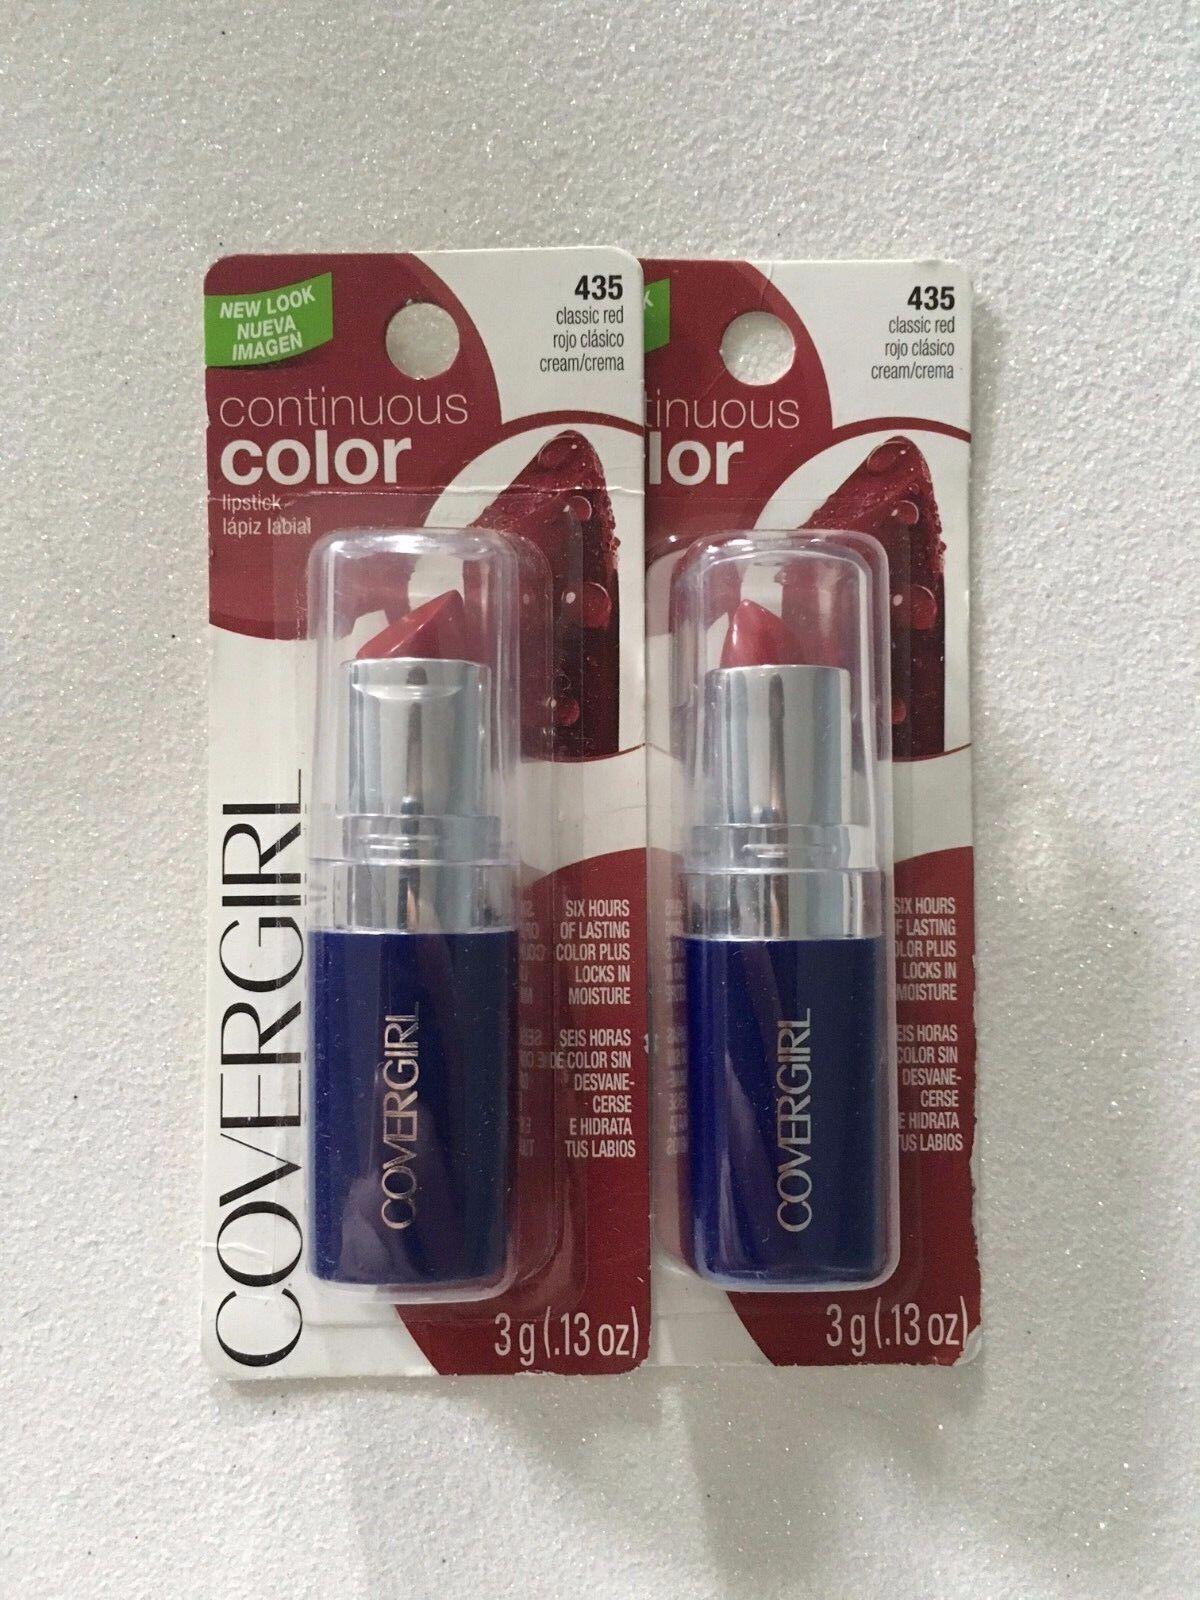 Los aus 2, Covergirl Kontinuierliche Farbe Lippenstift, 435 Klassisch Rot